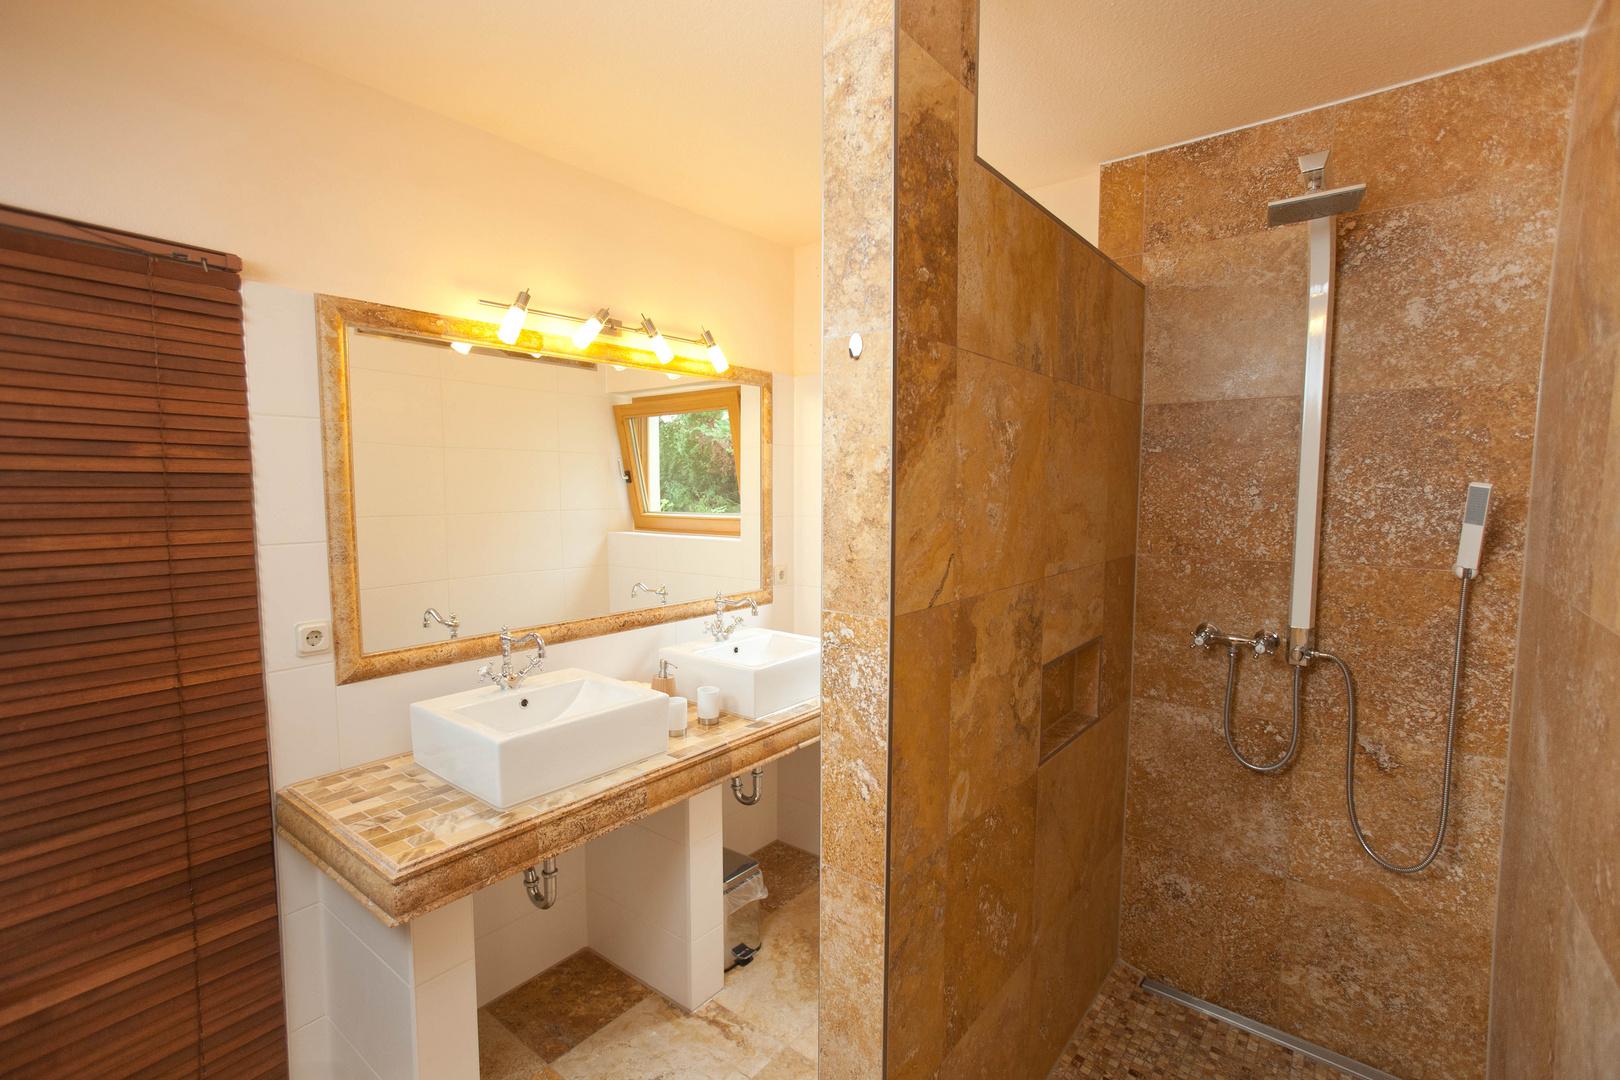 badezimmer der ferienwohnung luxus in mollenberg erleben lindau b foto bild reportage. Black Bedroom Furniture Sets. Home Design Ideas